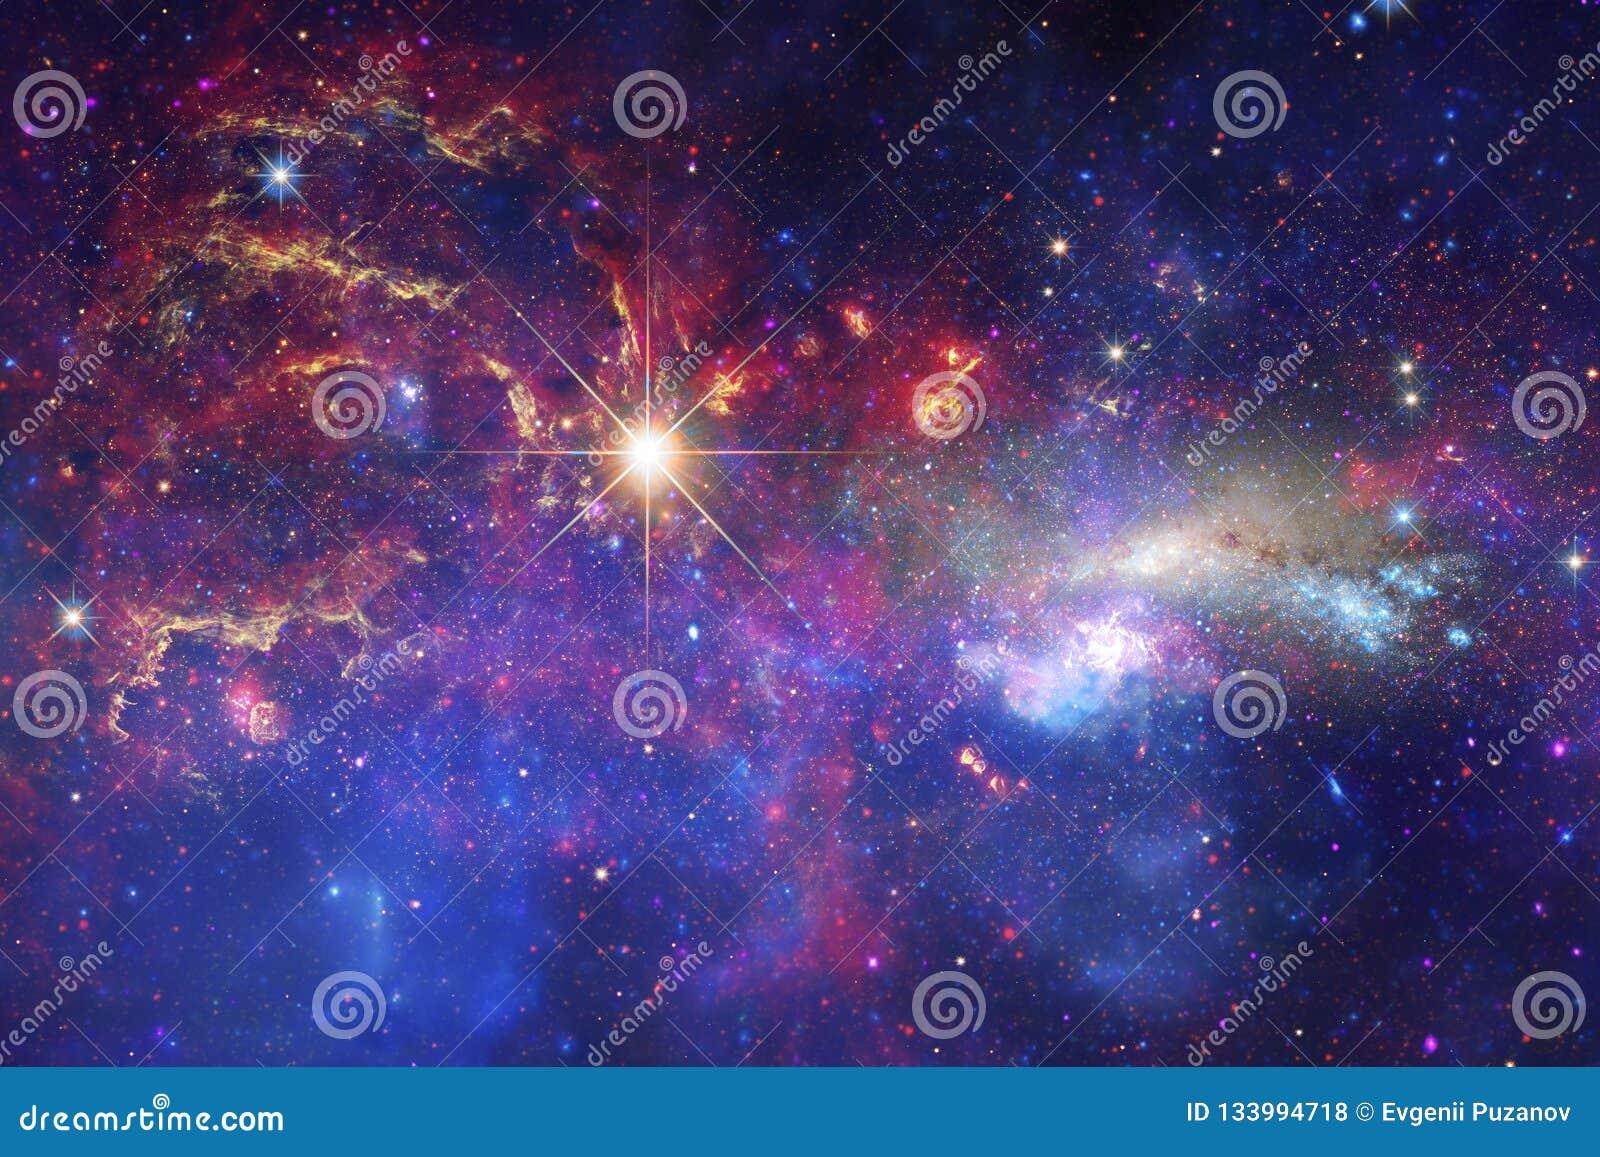 nebula beautiful endless universe awesome wallpaper print nebula beautiful endless universe awesome wallpaper 133994718